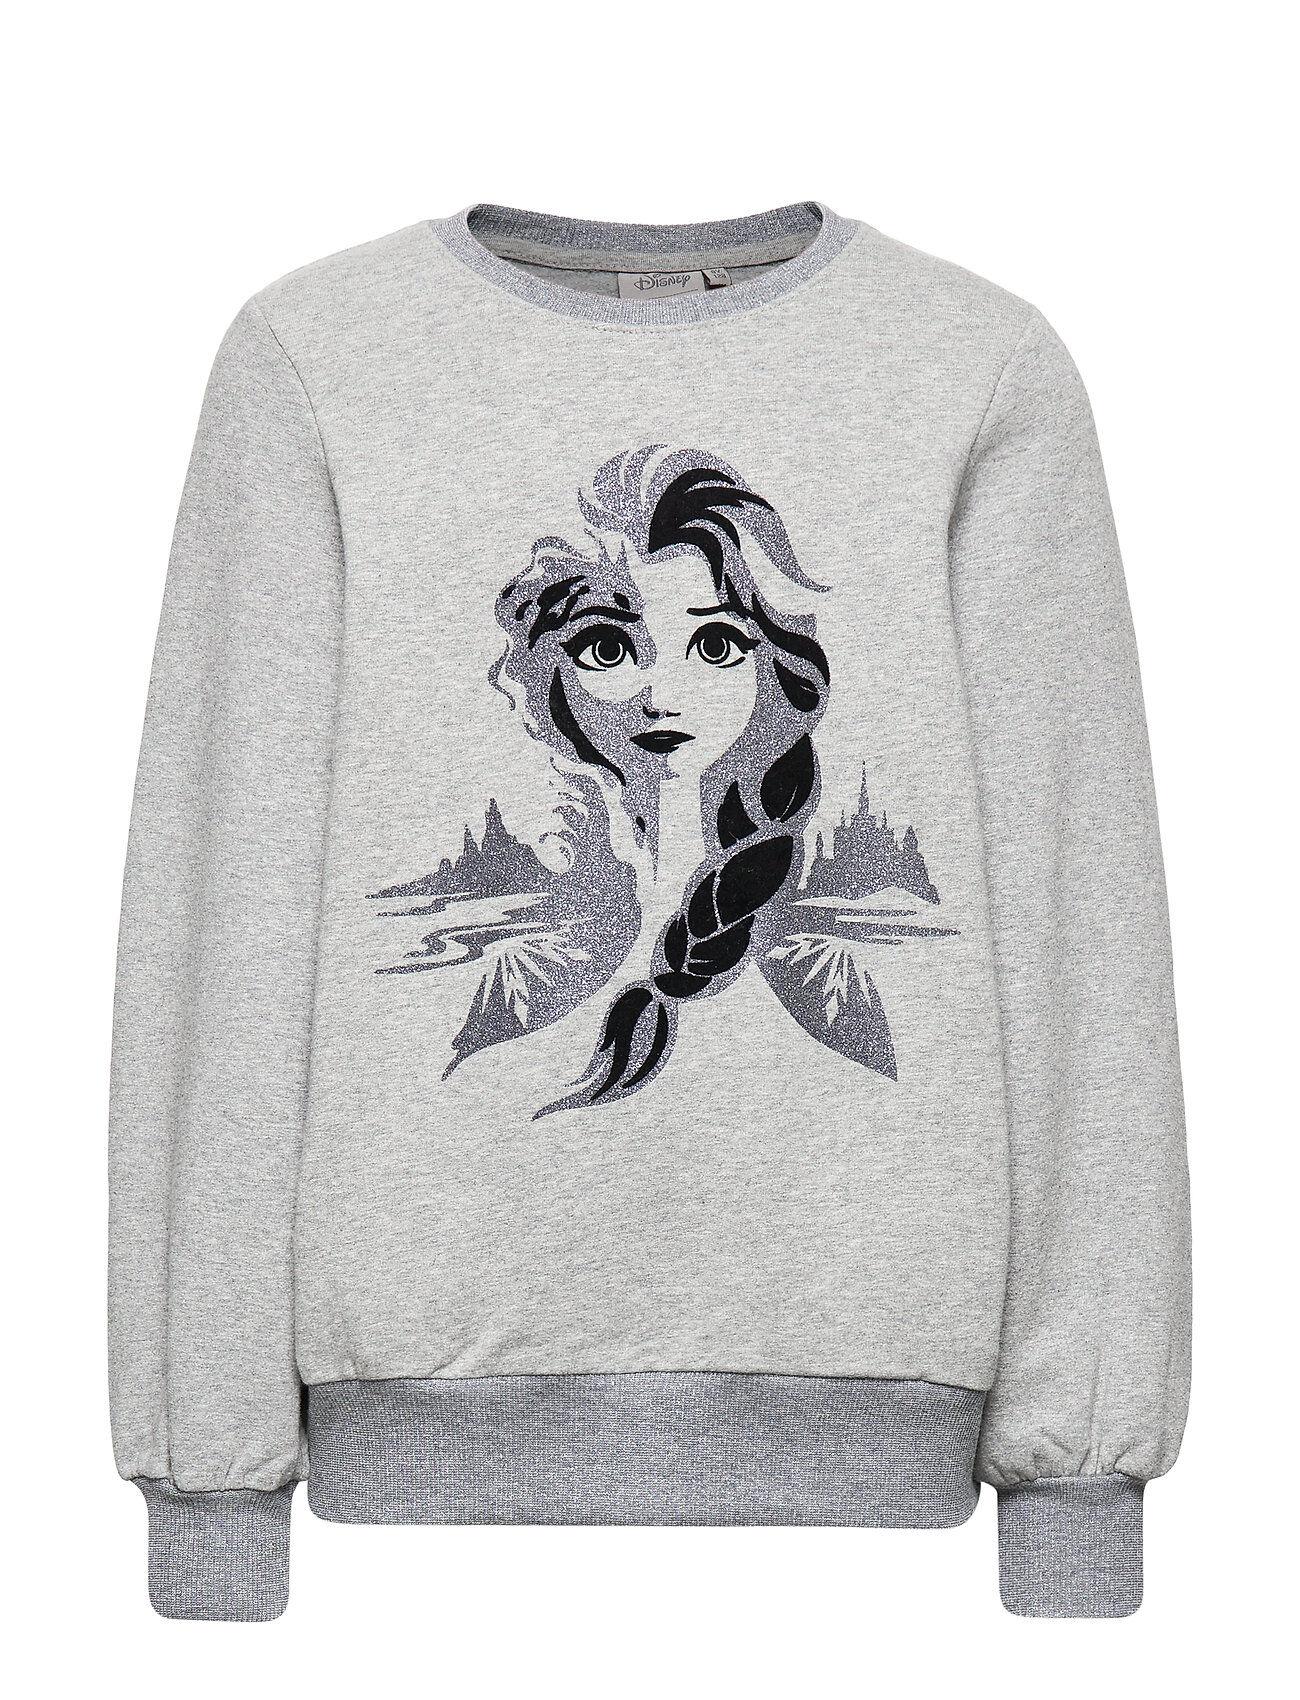 Disney Sweatshirt Frozen Elsa Svetari Collegepaita Harmaa Disney By Wheat